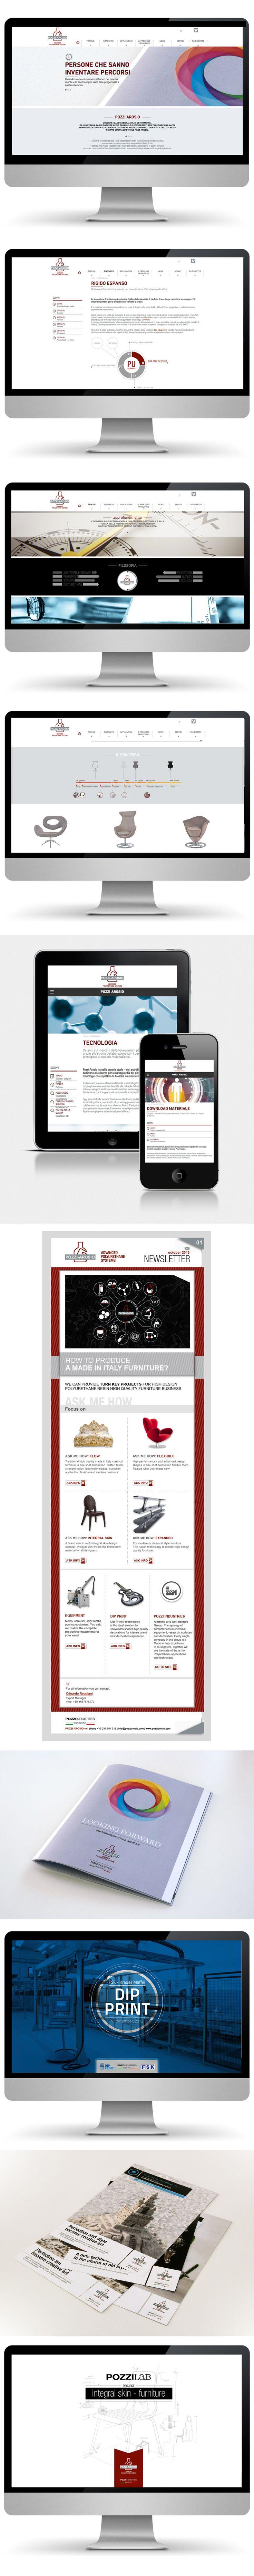 Il percorso comunicativo effettuato con Pozzi Arosio rappresenta una modalità di progettazione che b_centric percorre con padronanza e visione. Il sito web vuole mantenere la continuità del linguaggio applicato a una realtà, quella di Pozzi Arosio, innovativa, complessa, moderna. Il materiale a corredo si caratterizza per la forte identità visiva, mutevole a seconda dello specifico supporto, a volte digitale a volte stampato.